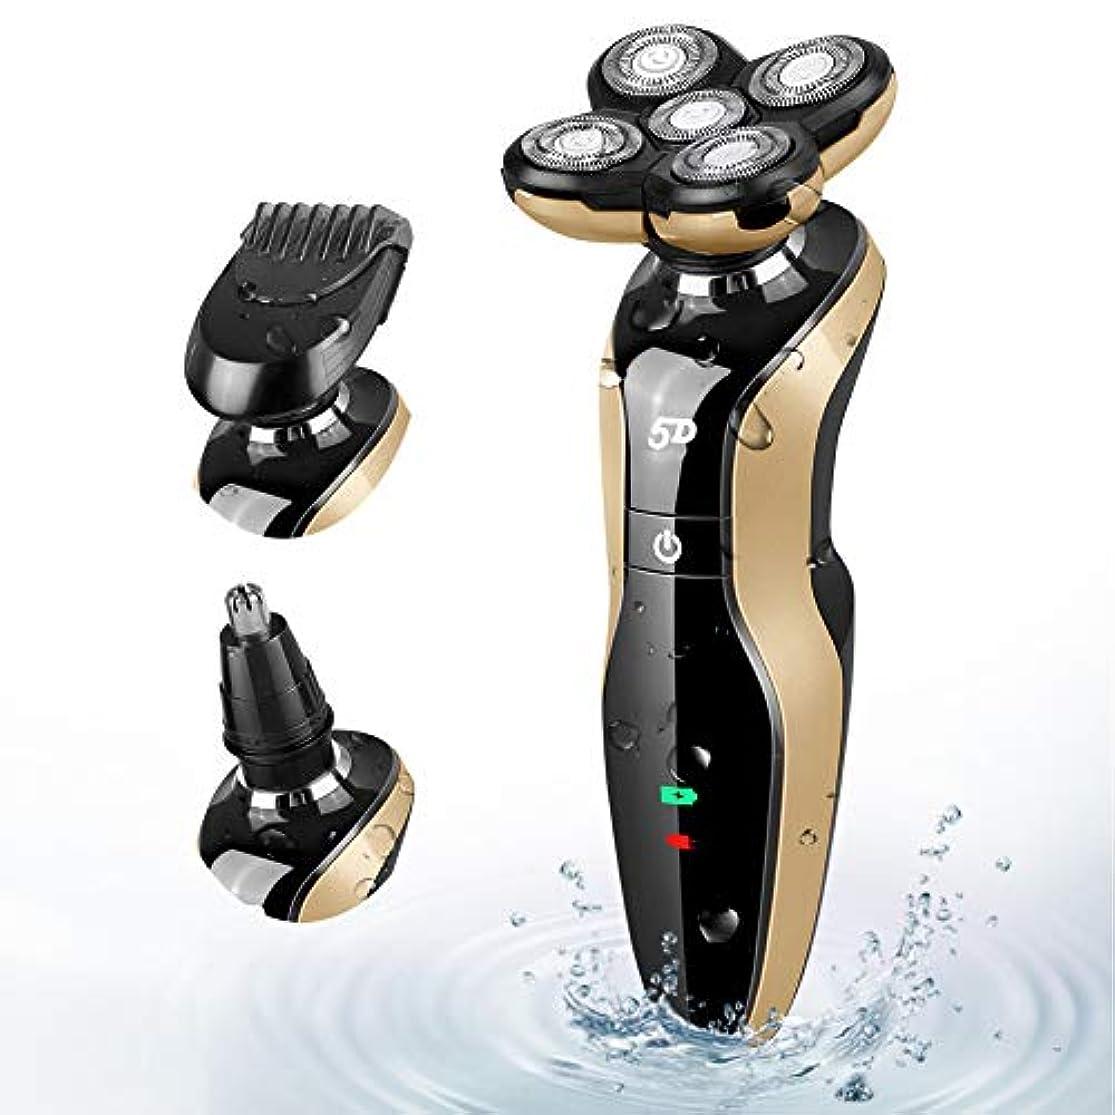 瀬戸際ファンシー開発する電気シェーバー - 5Dカッターヘッド強力な電気シェーバー USB 本体洗えるフローティングシェービングスマートカミソリ